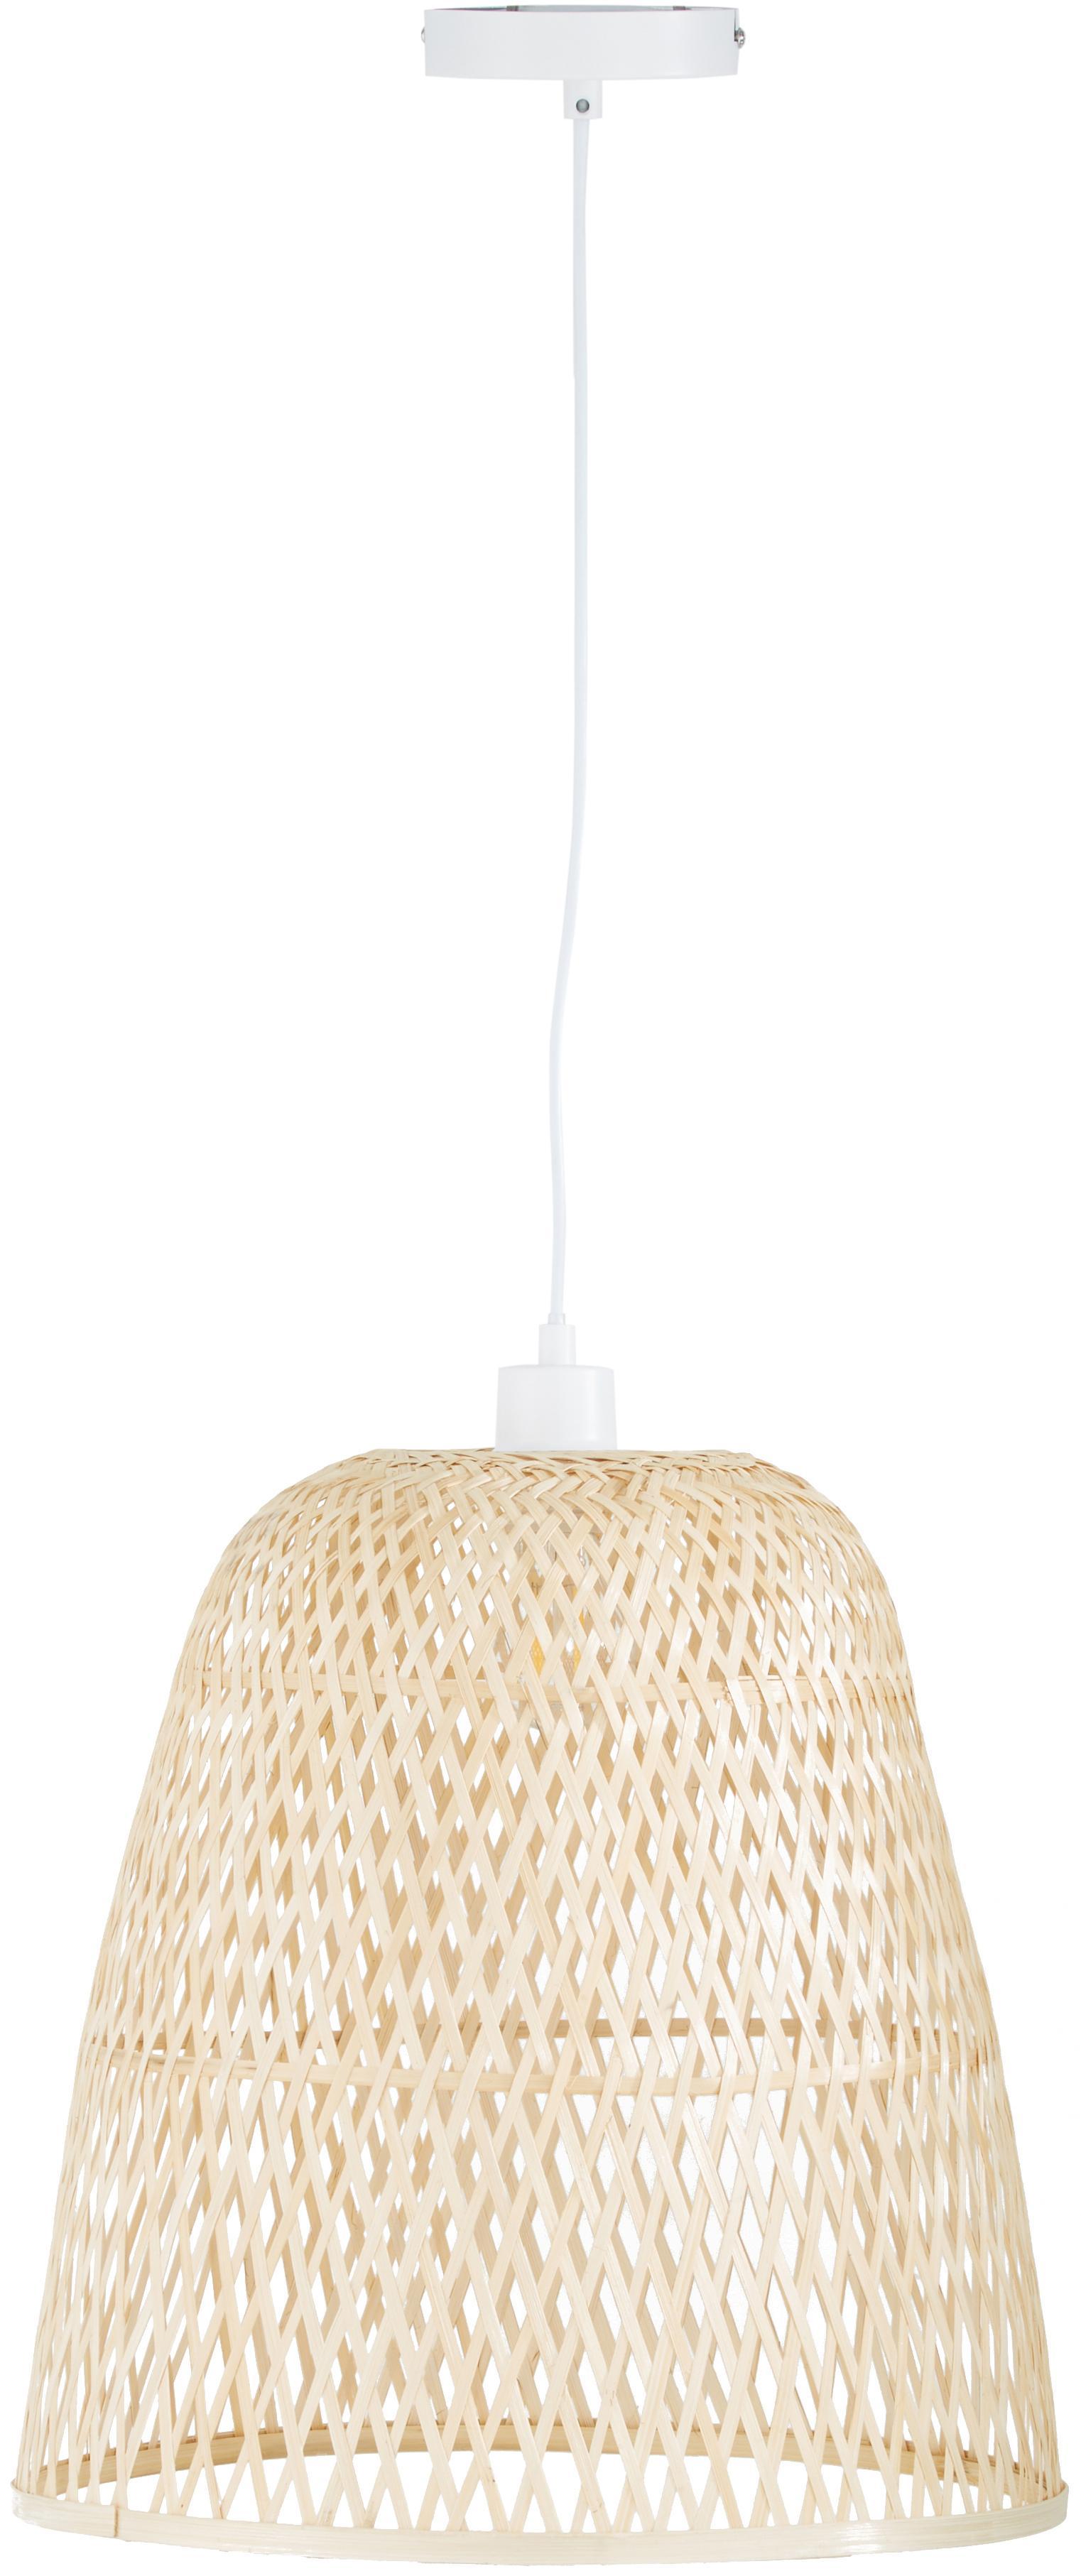 Handgemachte Pendelleuchte Eve aus Bambus, Lampenschirm: Bambus, Bambus, Ø 40 x H 40 cm